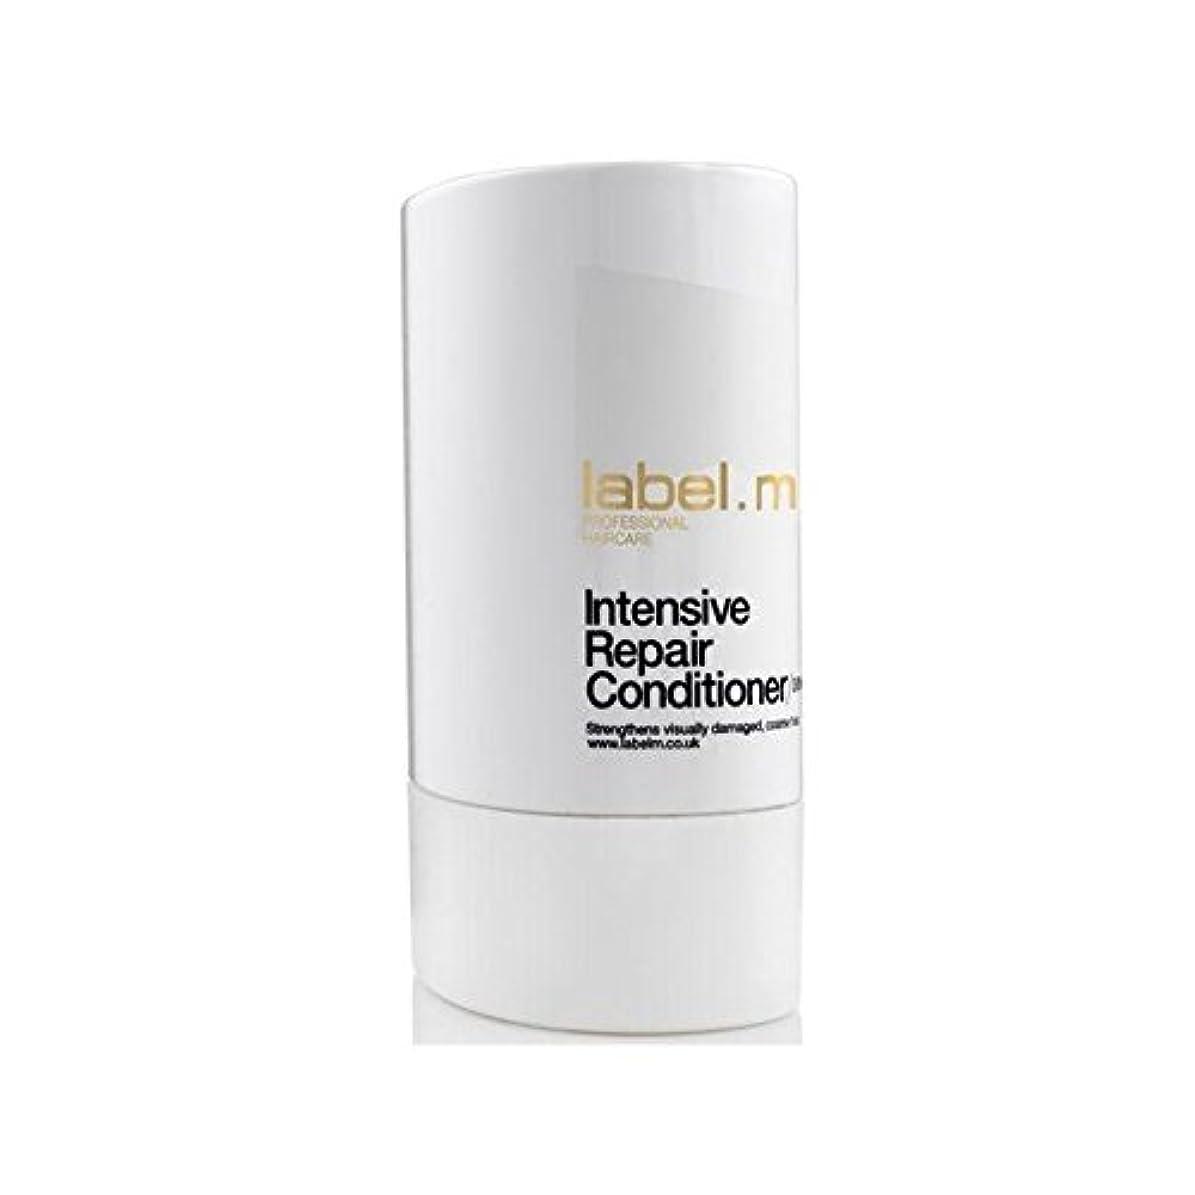 報酬野望欠陥Label.M Intensive Repair Conditioner (300ml) - .の集中リペアコンディショナー(300ミリリットル) [並行輸入品]